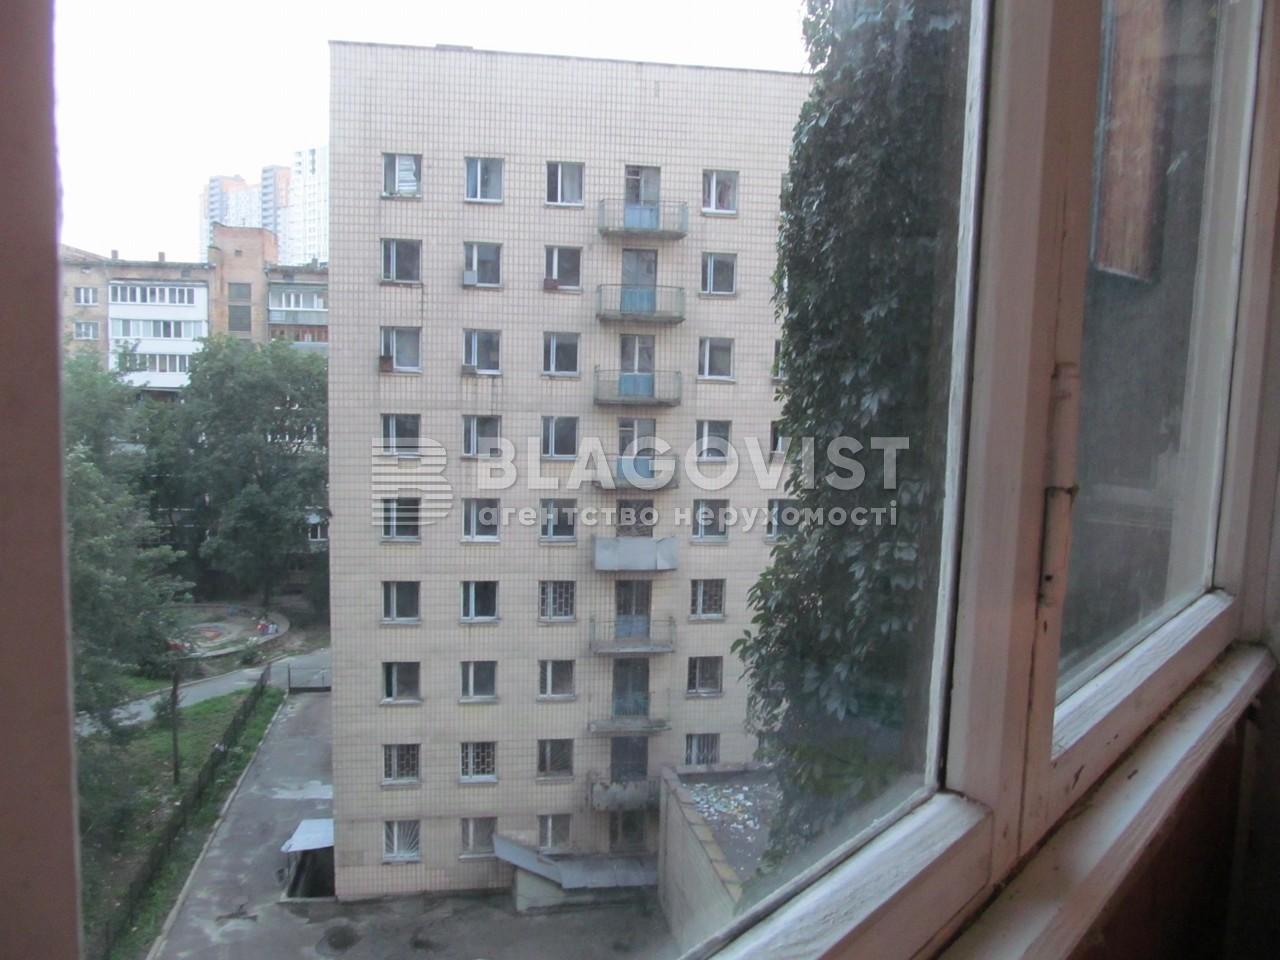 Квартира X-4166, Черновола Вячеслава, 8, Киев - Фото 16